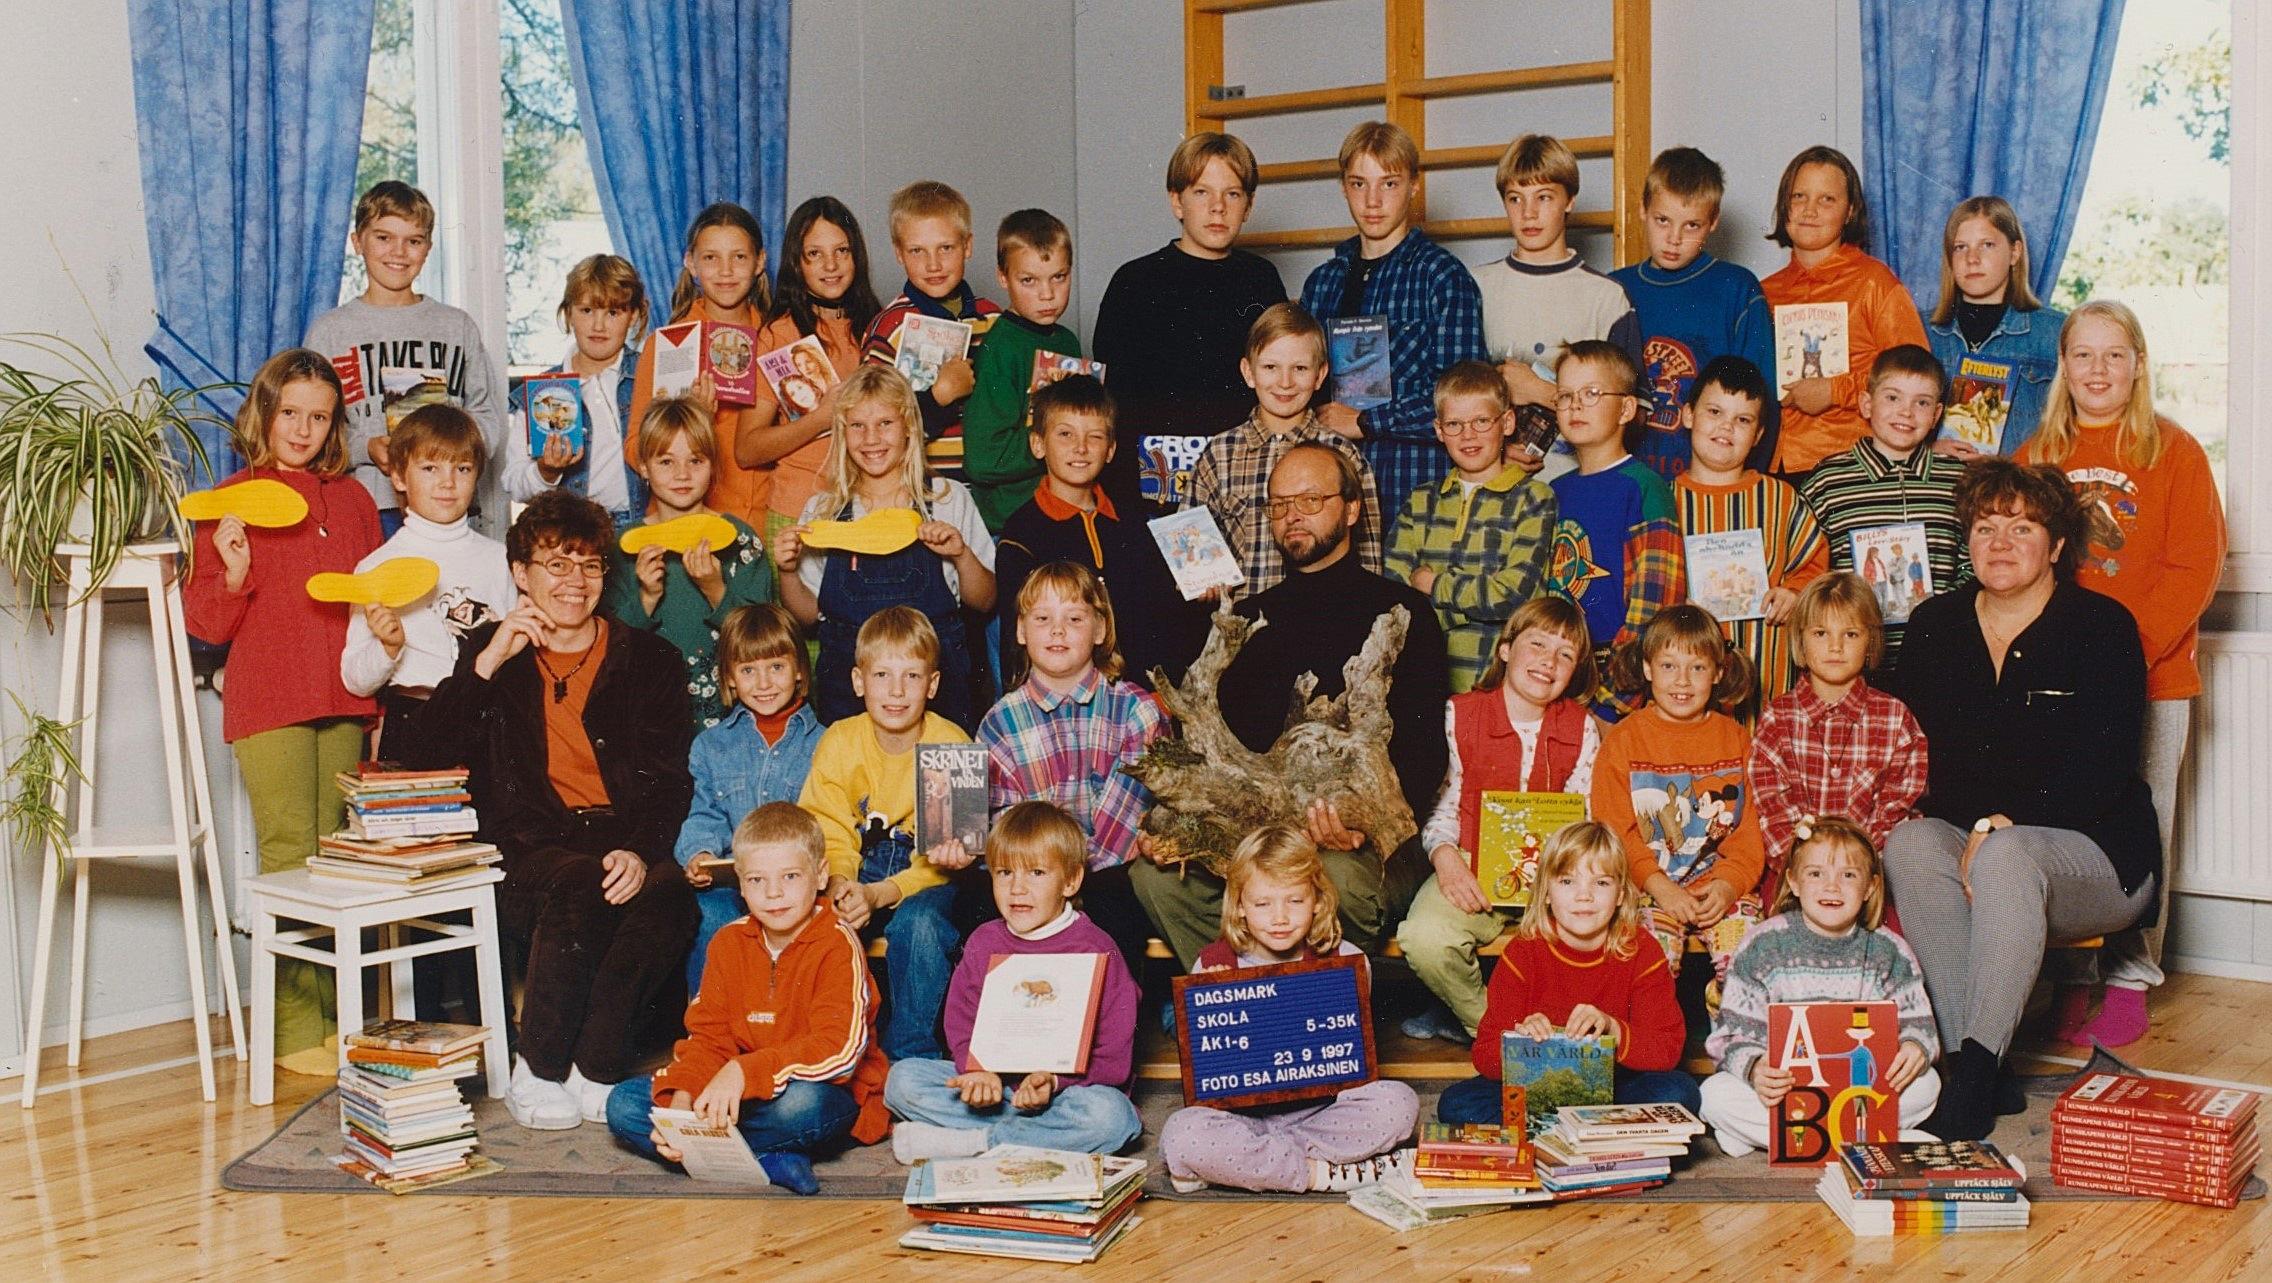 År 1997, Dagsmark skola.